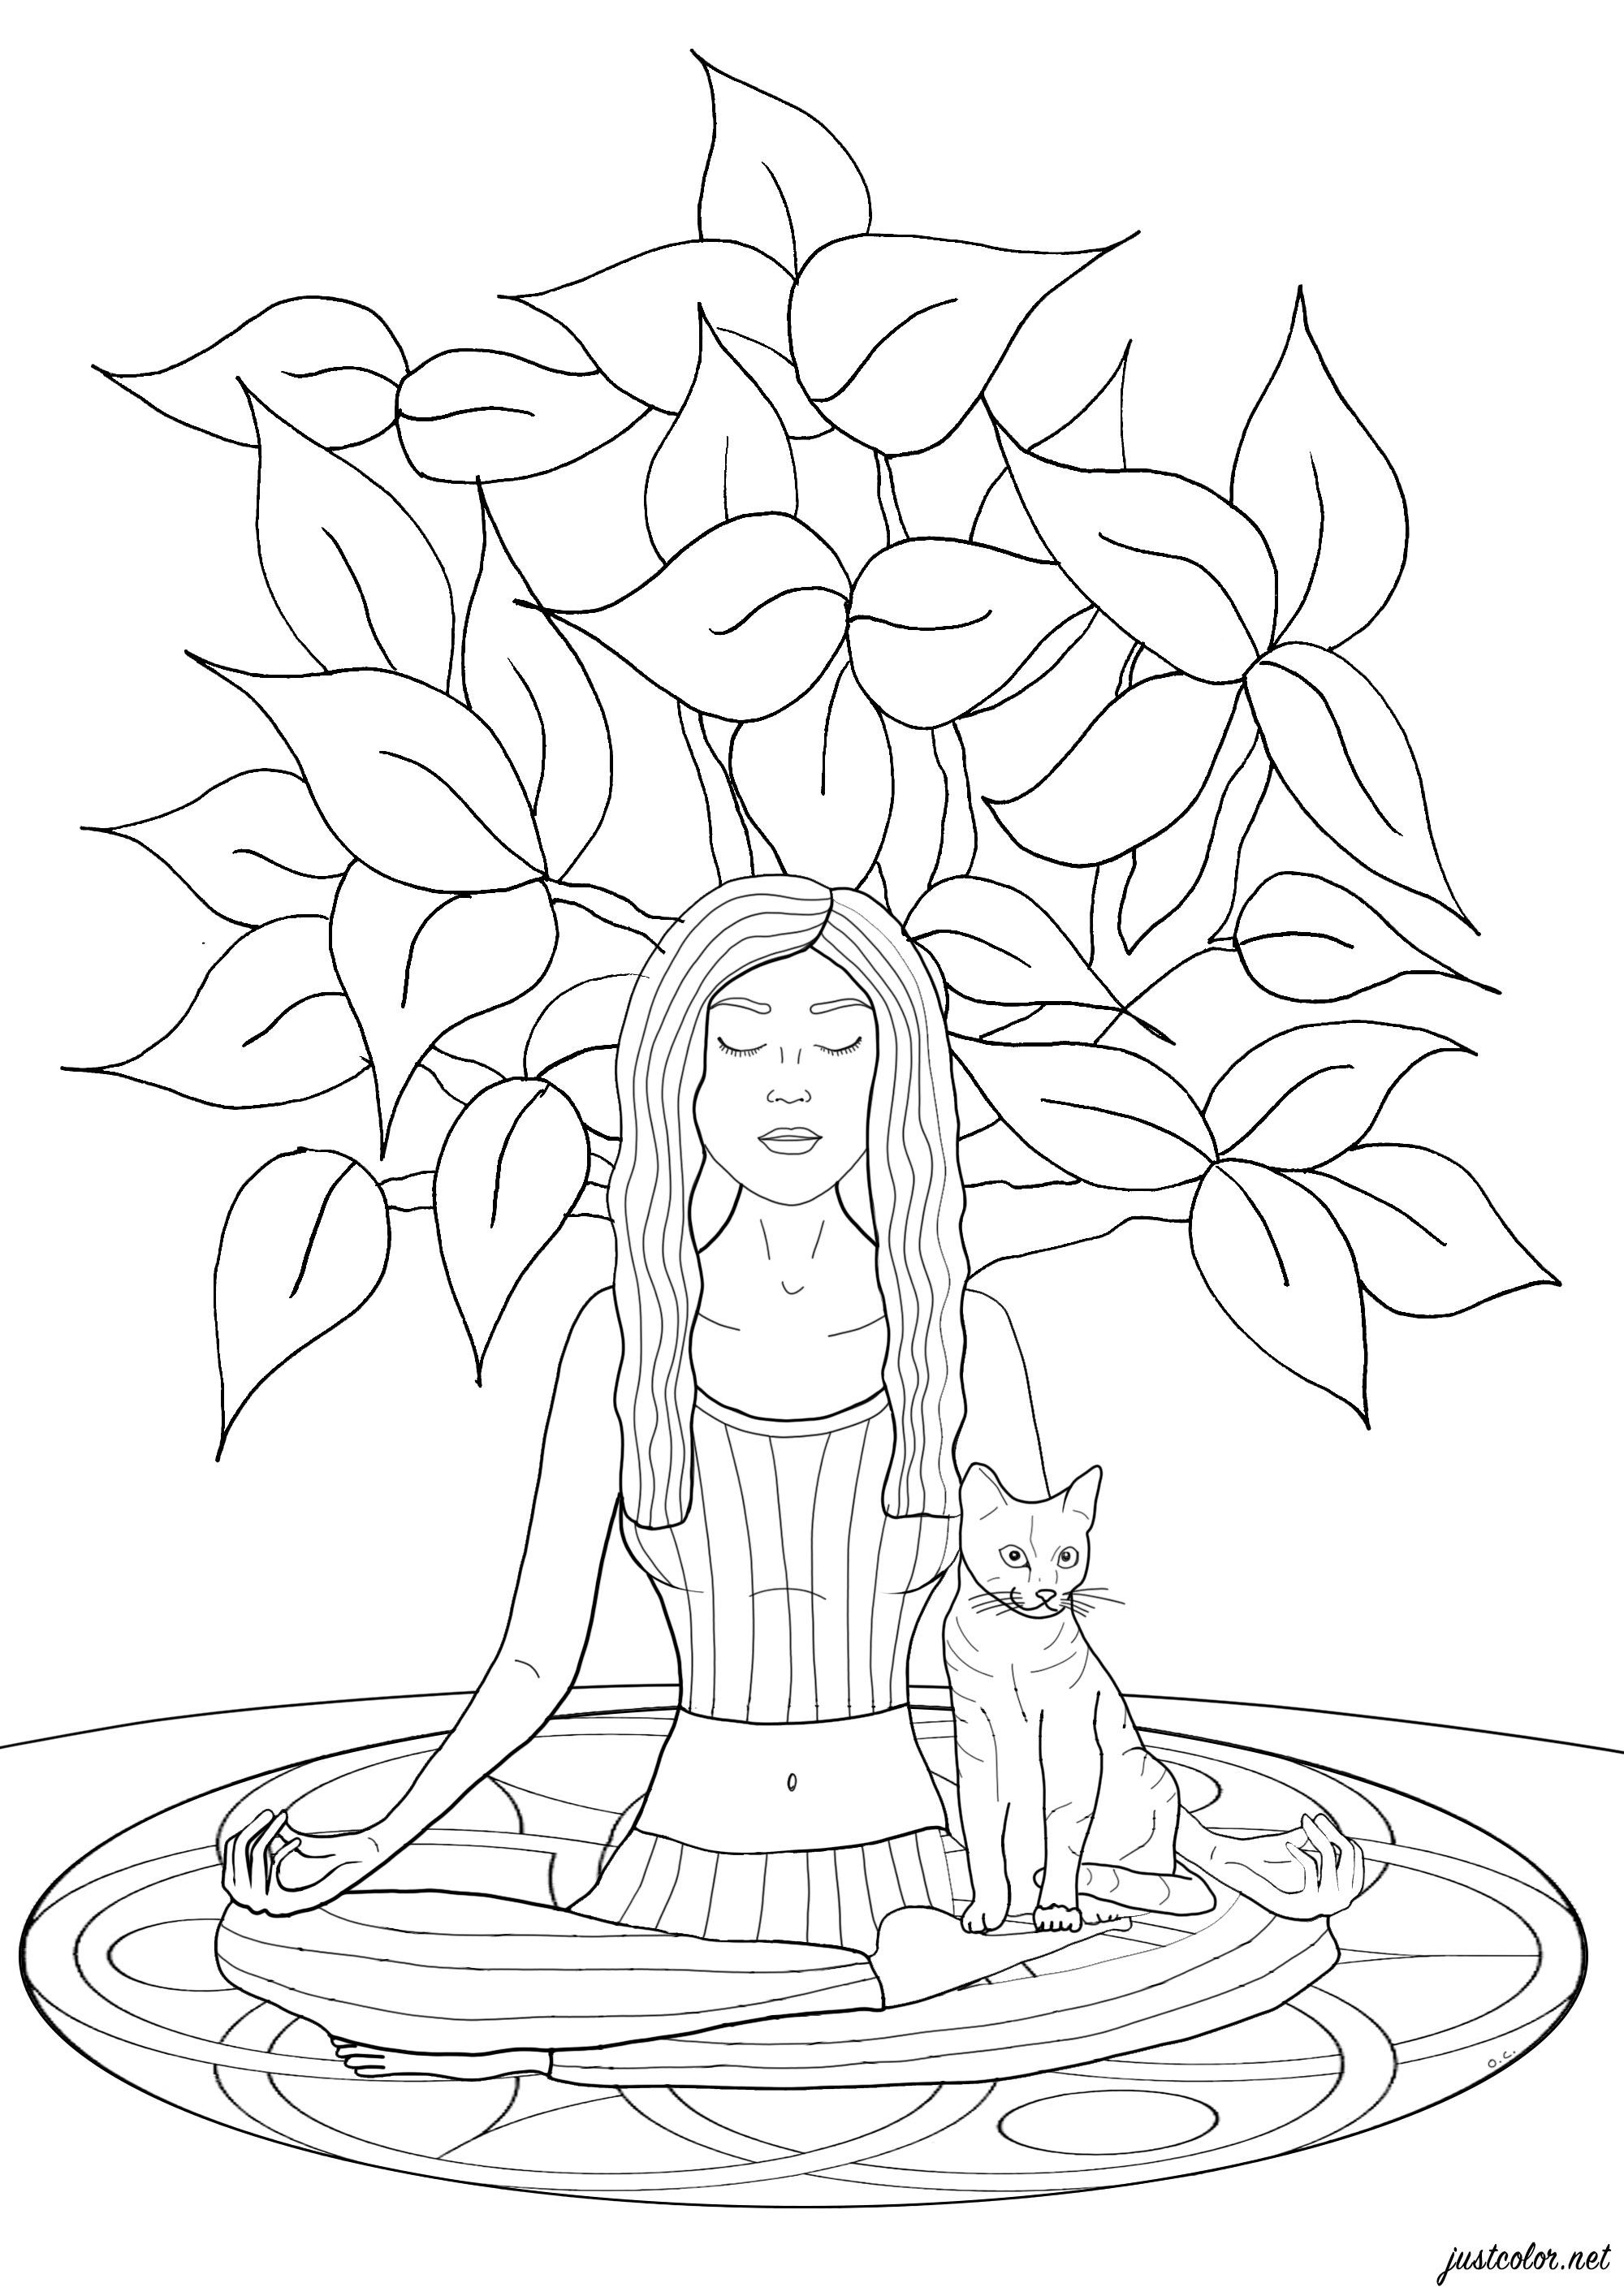 Femme faisant une séance de Yoga avec son chat ... un arbre pousse derrière elle